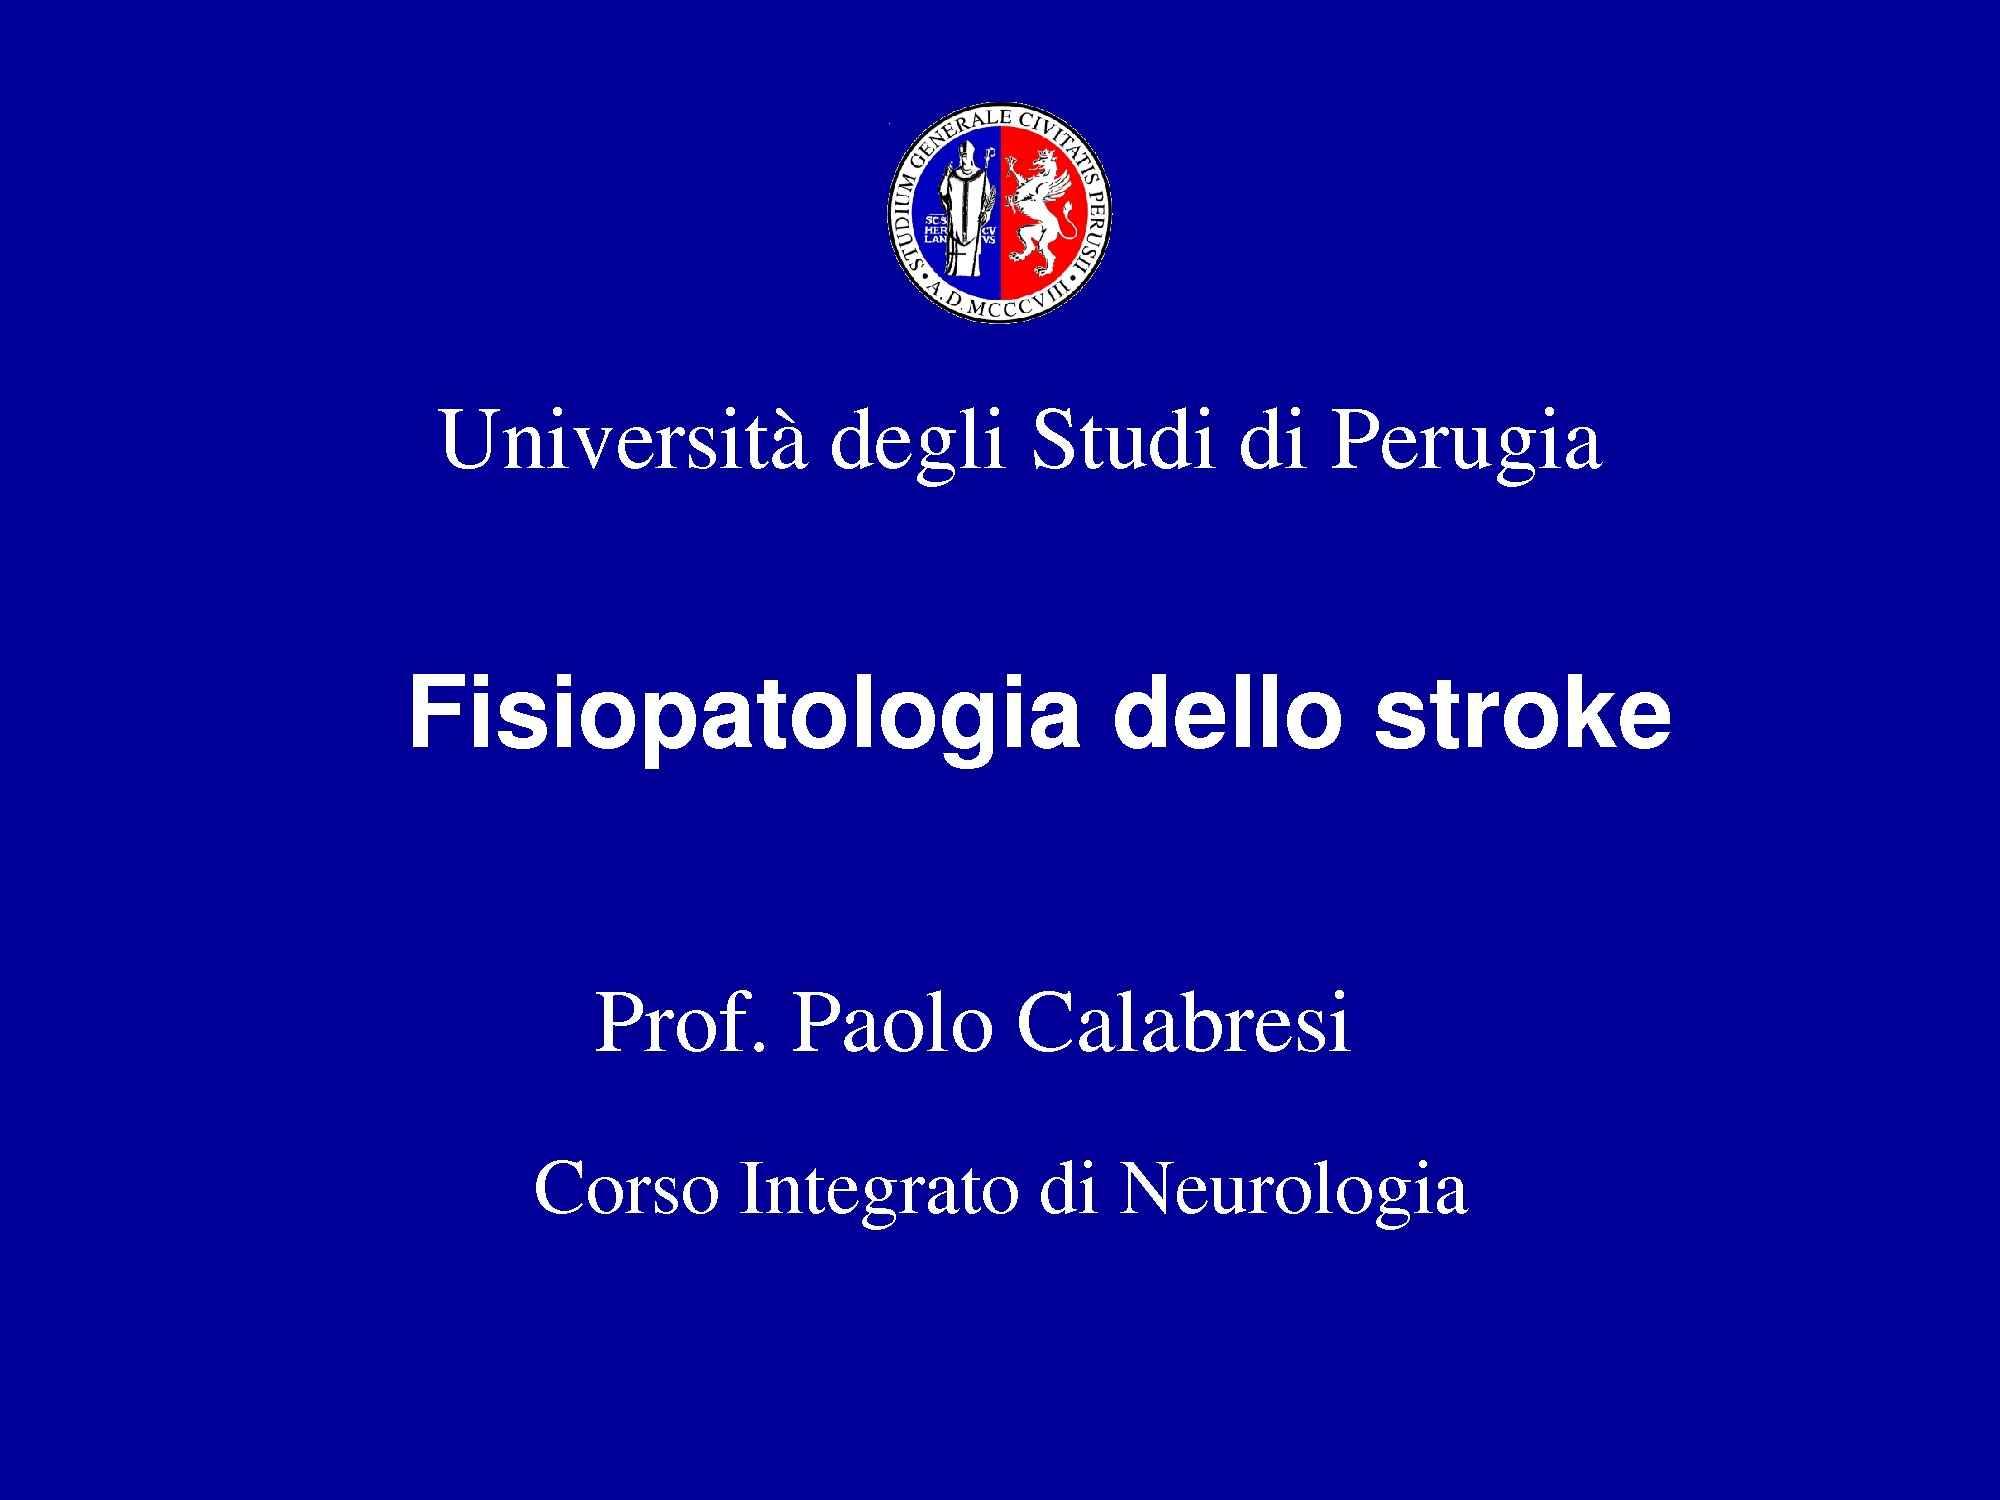 Fisiopatologia dello stroke